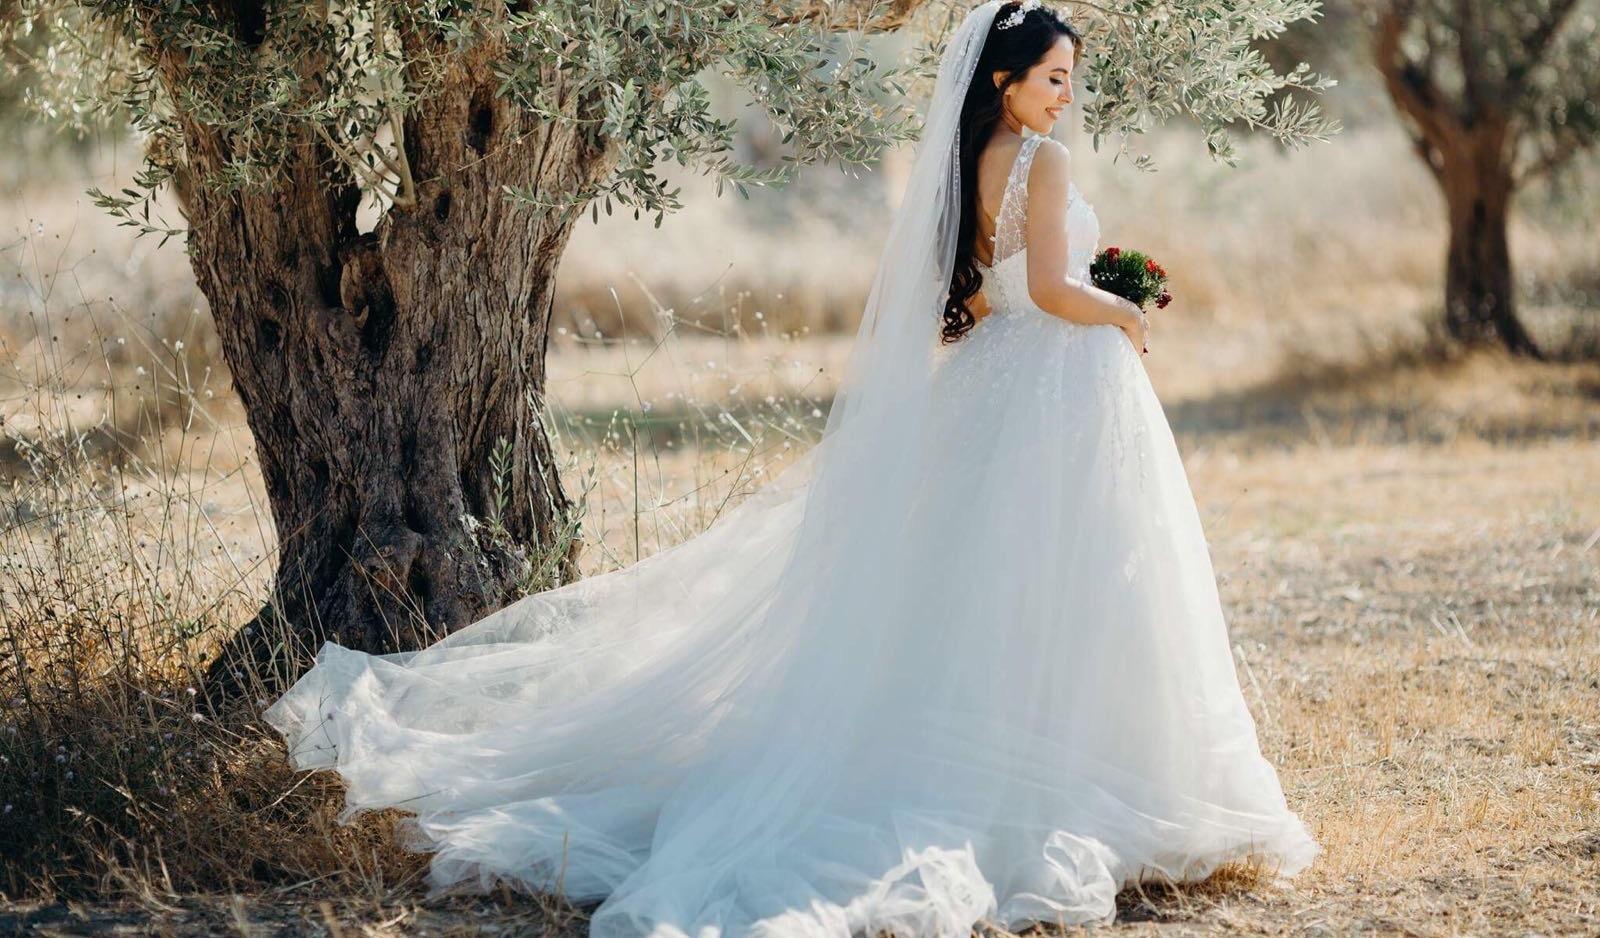 Rüyada Nişan Elbisesi Gelinlik Giydiğini Görmek